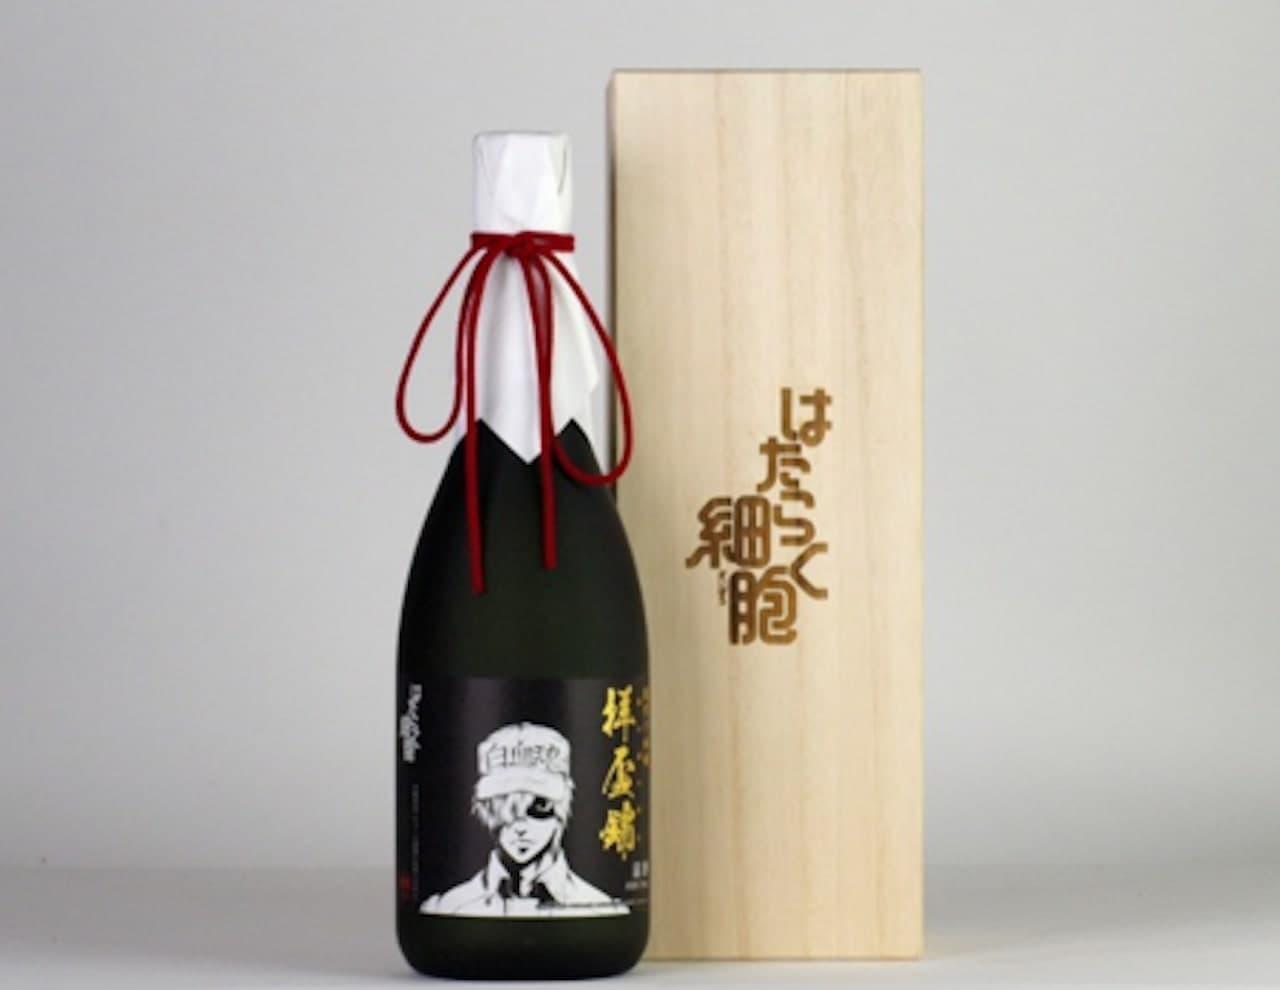 はたらく細胞コラボ日本酒「純米大吟醸 拝盃錦(ばいばいきん)」